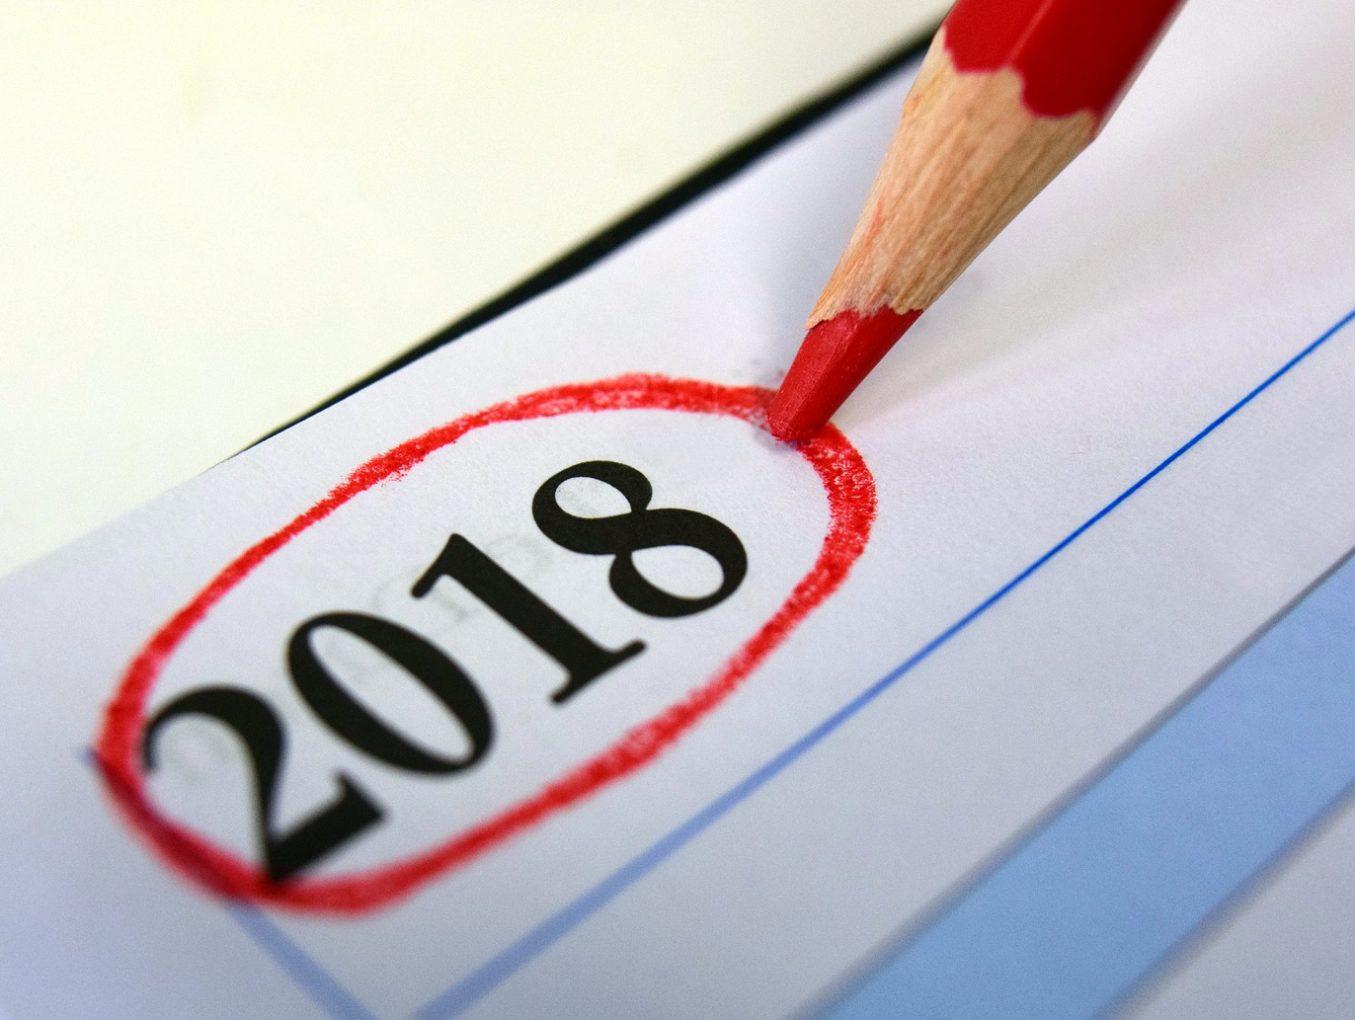 Terminy dla spółek z o.o. – Sprawozdanie Finansowe 2018